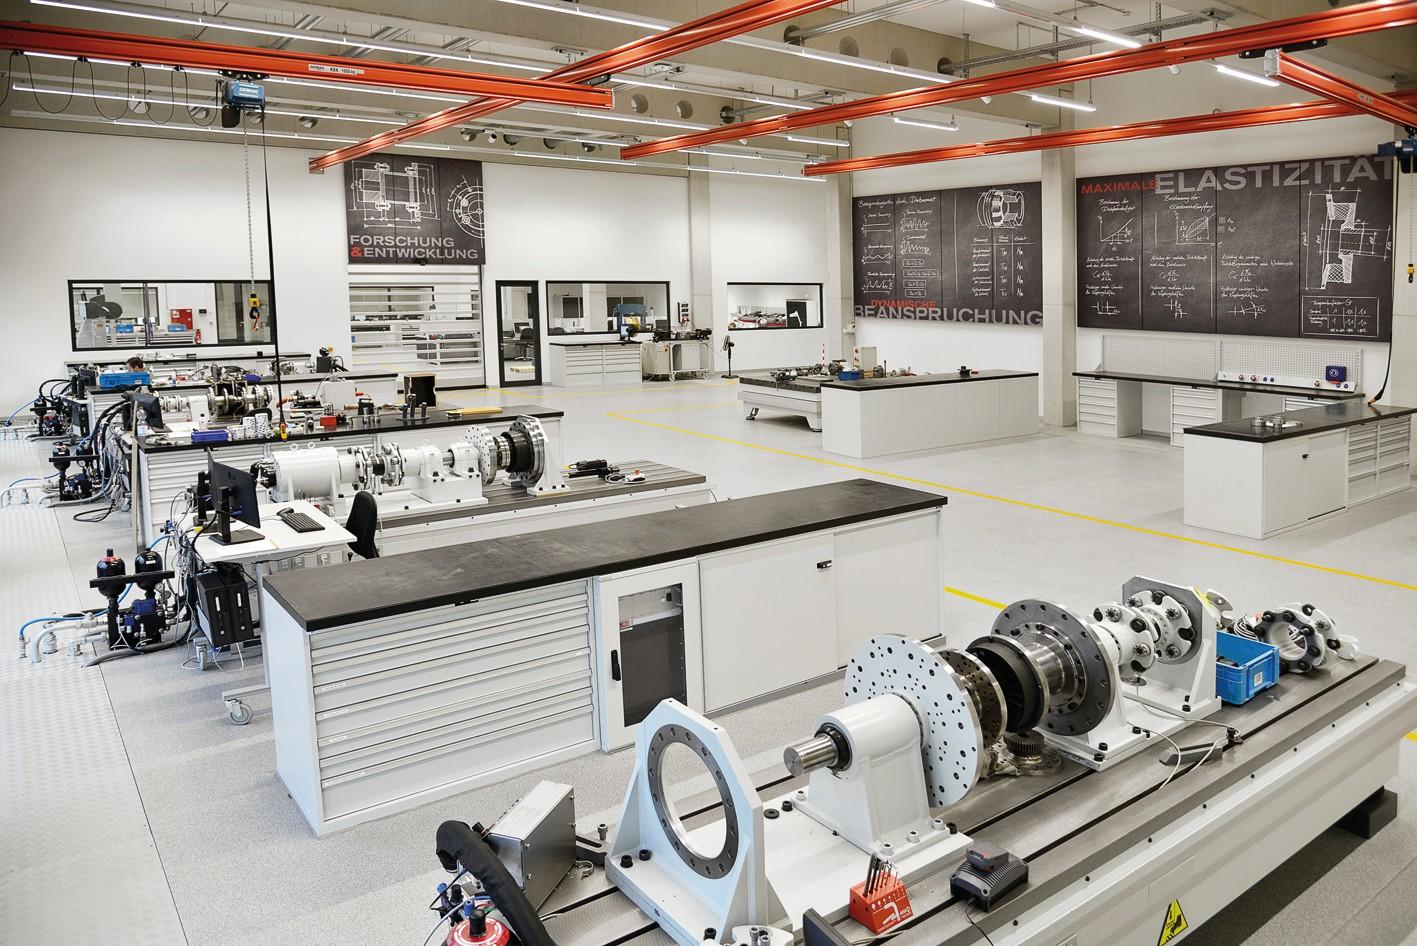 Bild 6 Im F&E-Zentrum bündeln sich die Bereiche Innovationsmanagement, F&E, Qualitätsmanagement, Messtechnik und Elektronikentwicklung. Bild: KTR